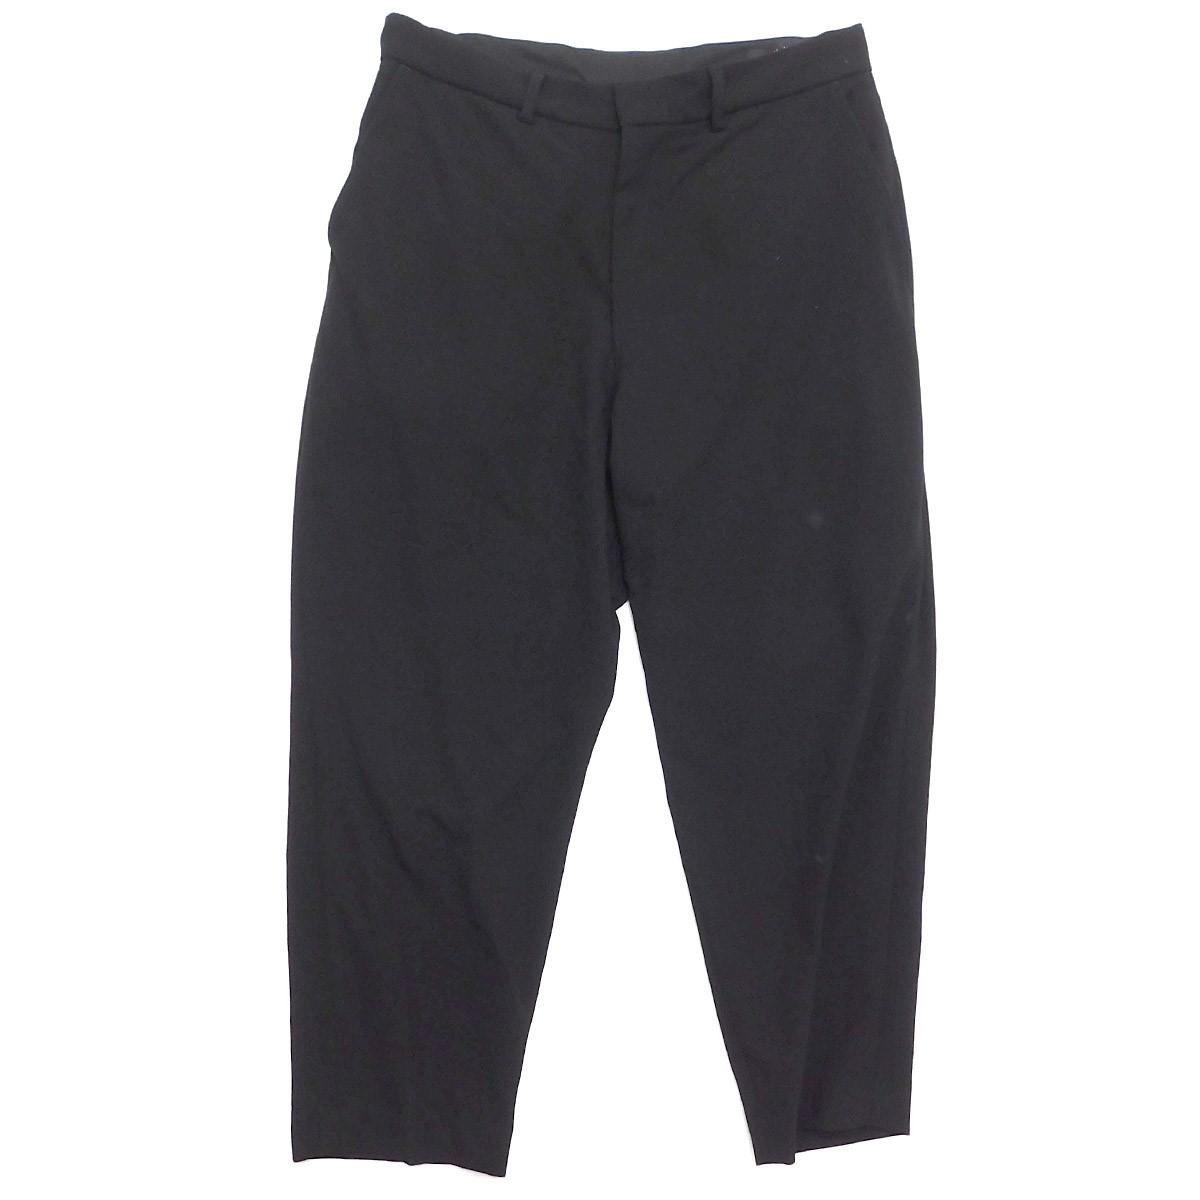 【中古】VAINL ARCHIVE 2018SS PAUL-PT パンツ ブラック サイズ:M 【080520】(ヴァイナル アーカイブ)